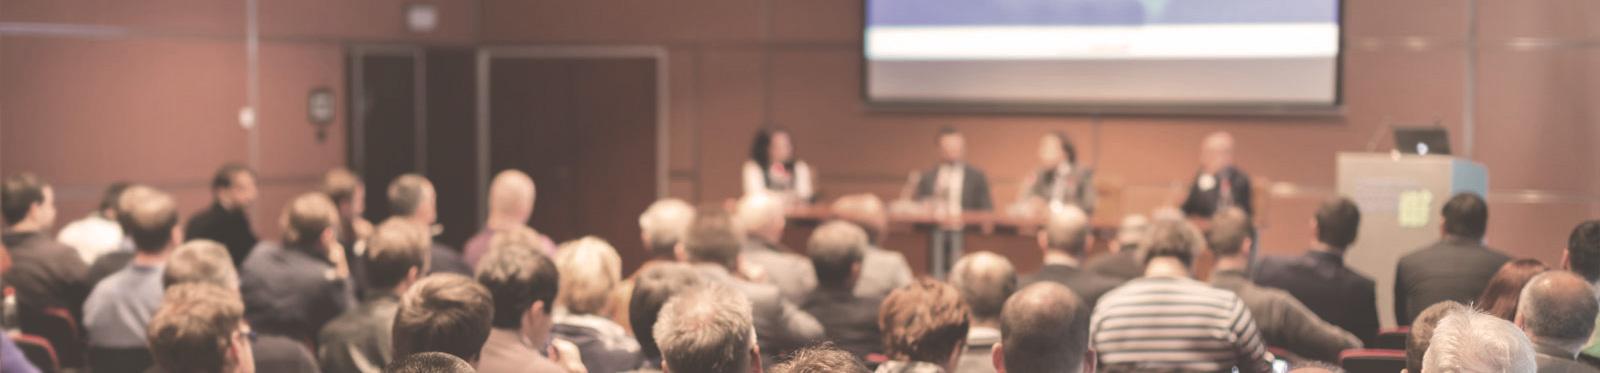 Wählen Sie die Vertreterversammlung Ihres Berufsverbands einfach online mit POLYAS